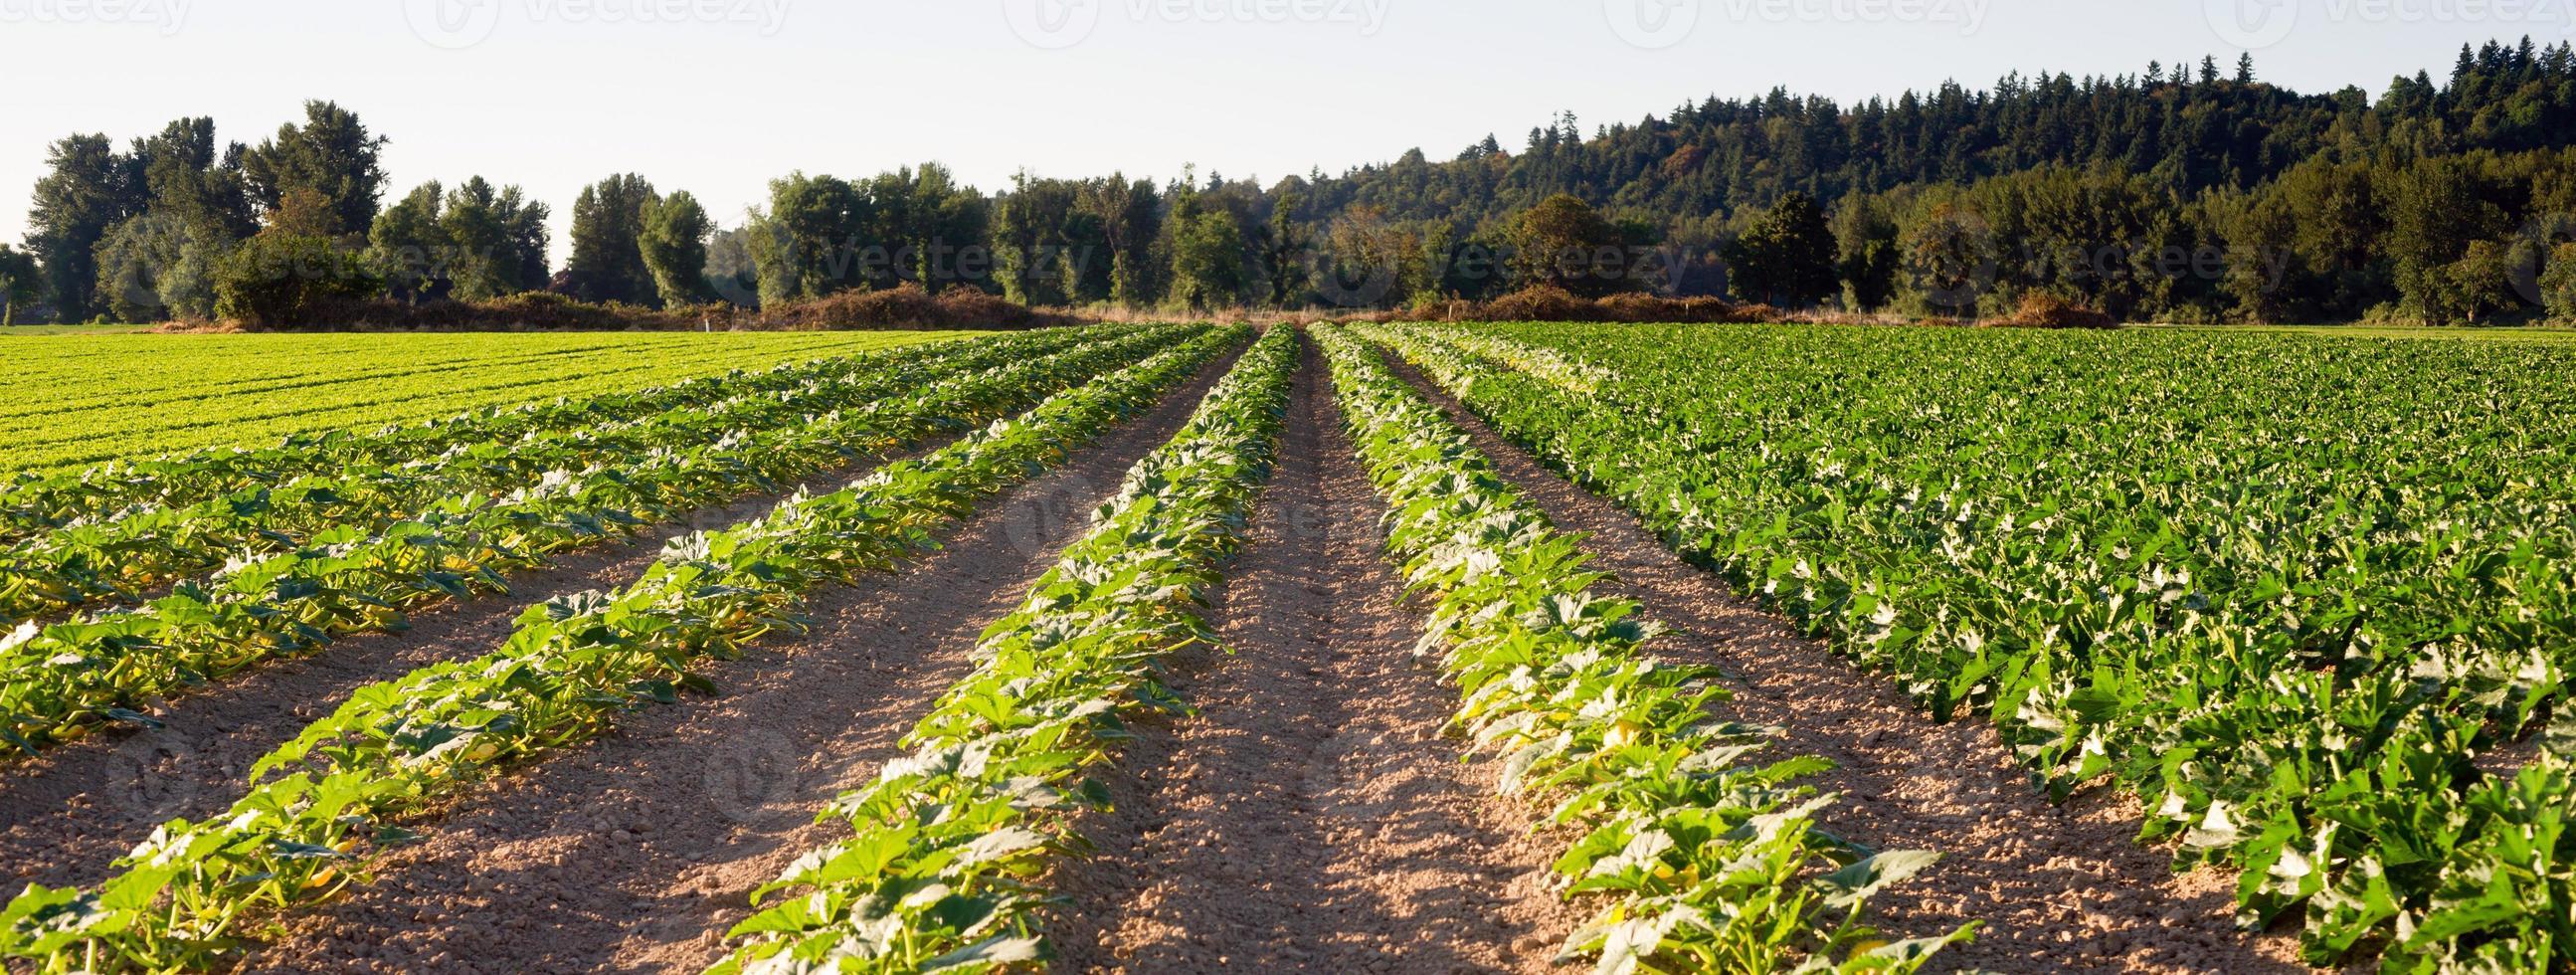 linhas plantadas erva fazenda campo agrícola planta foto